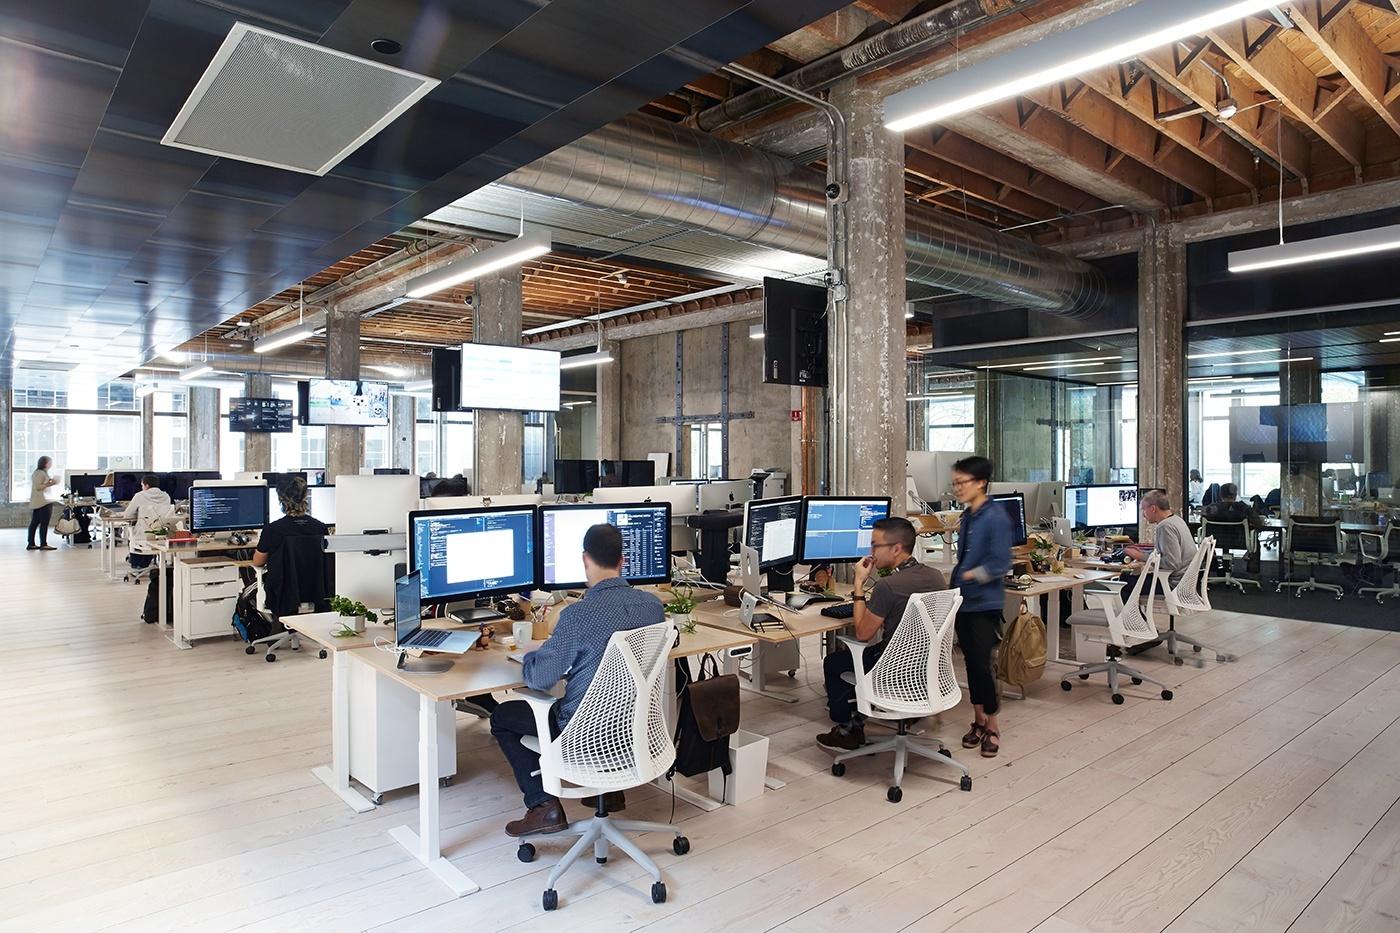 vsco-oakland-office-20